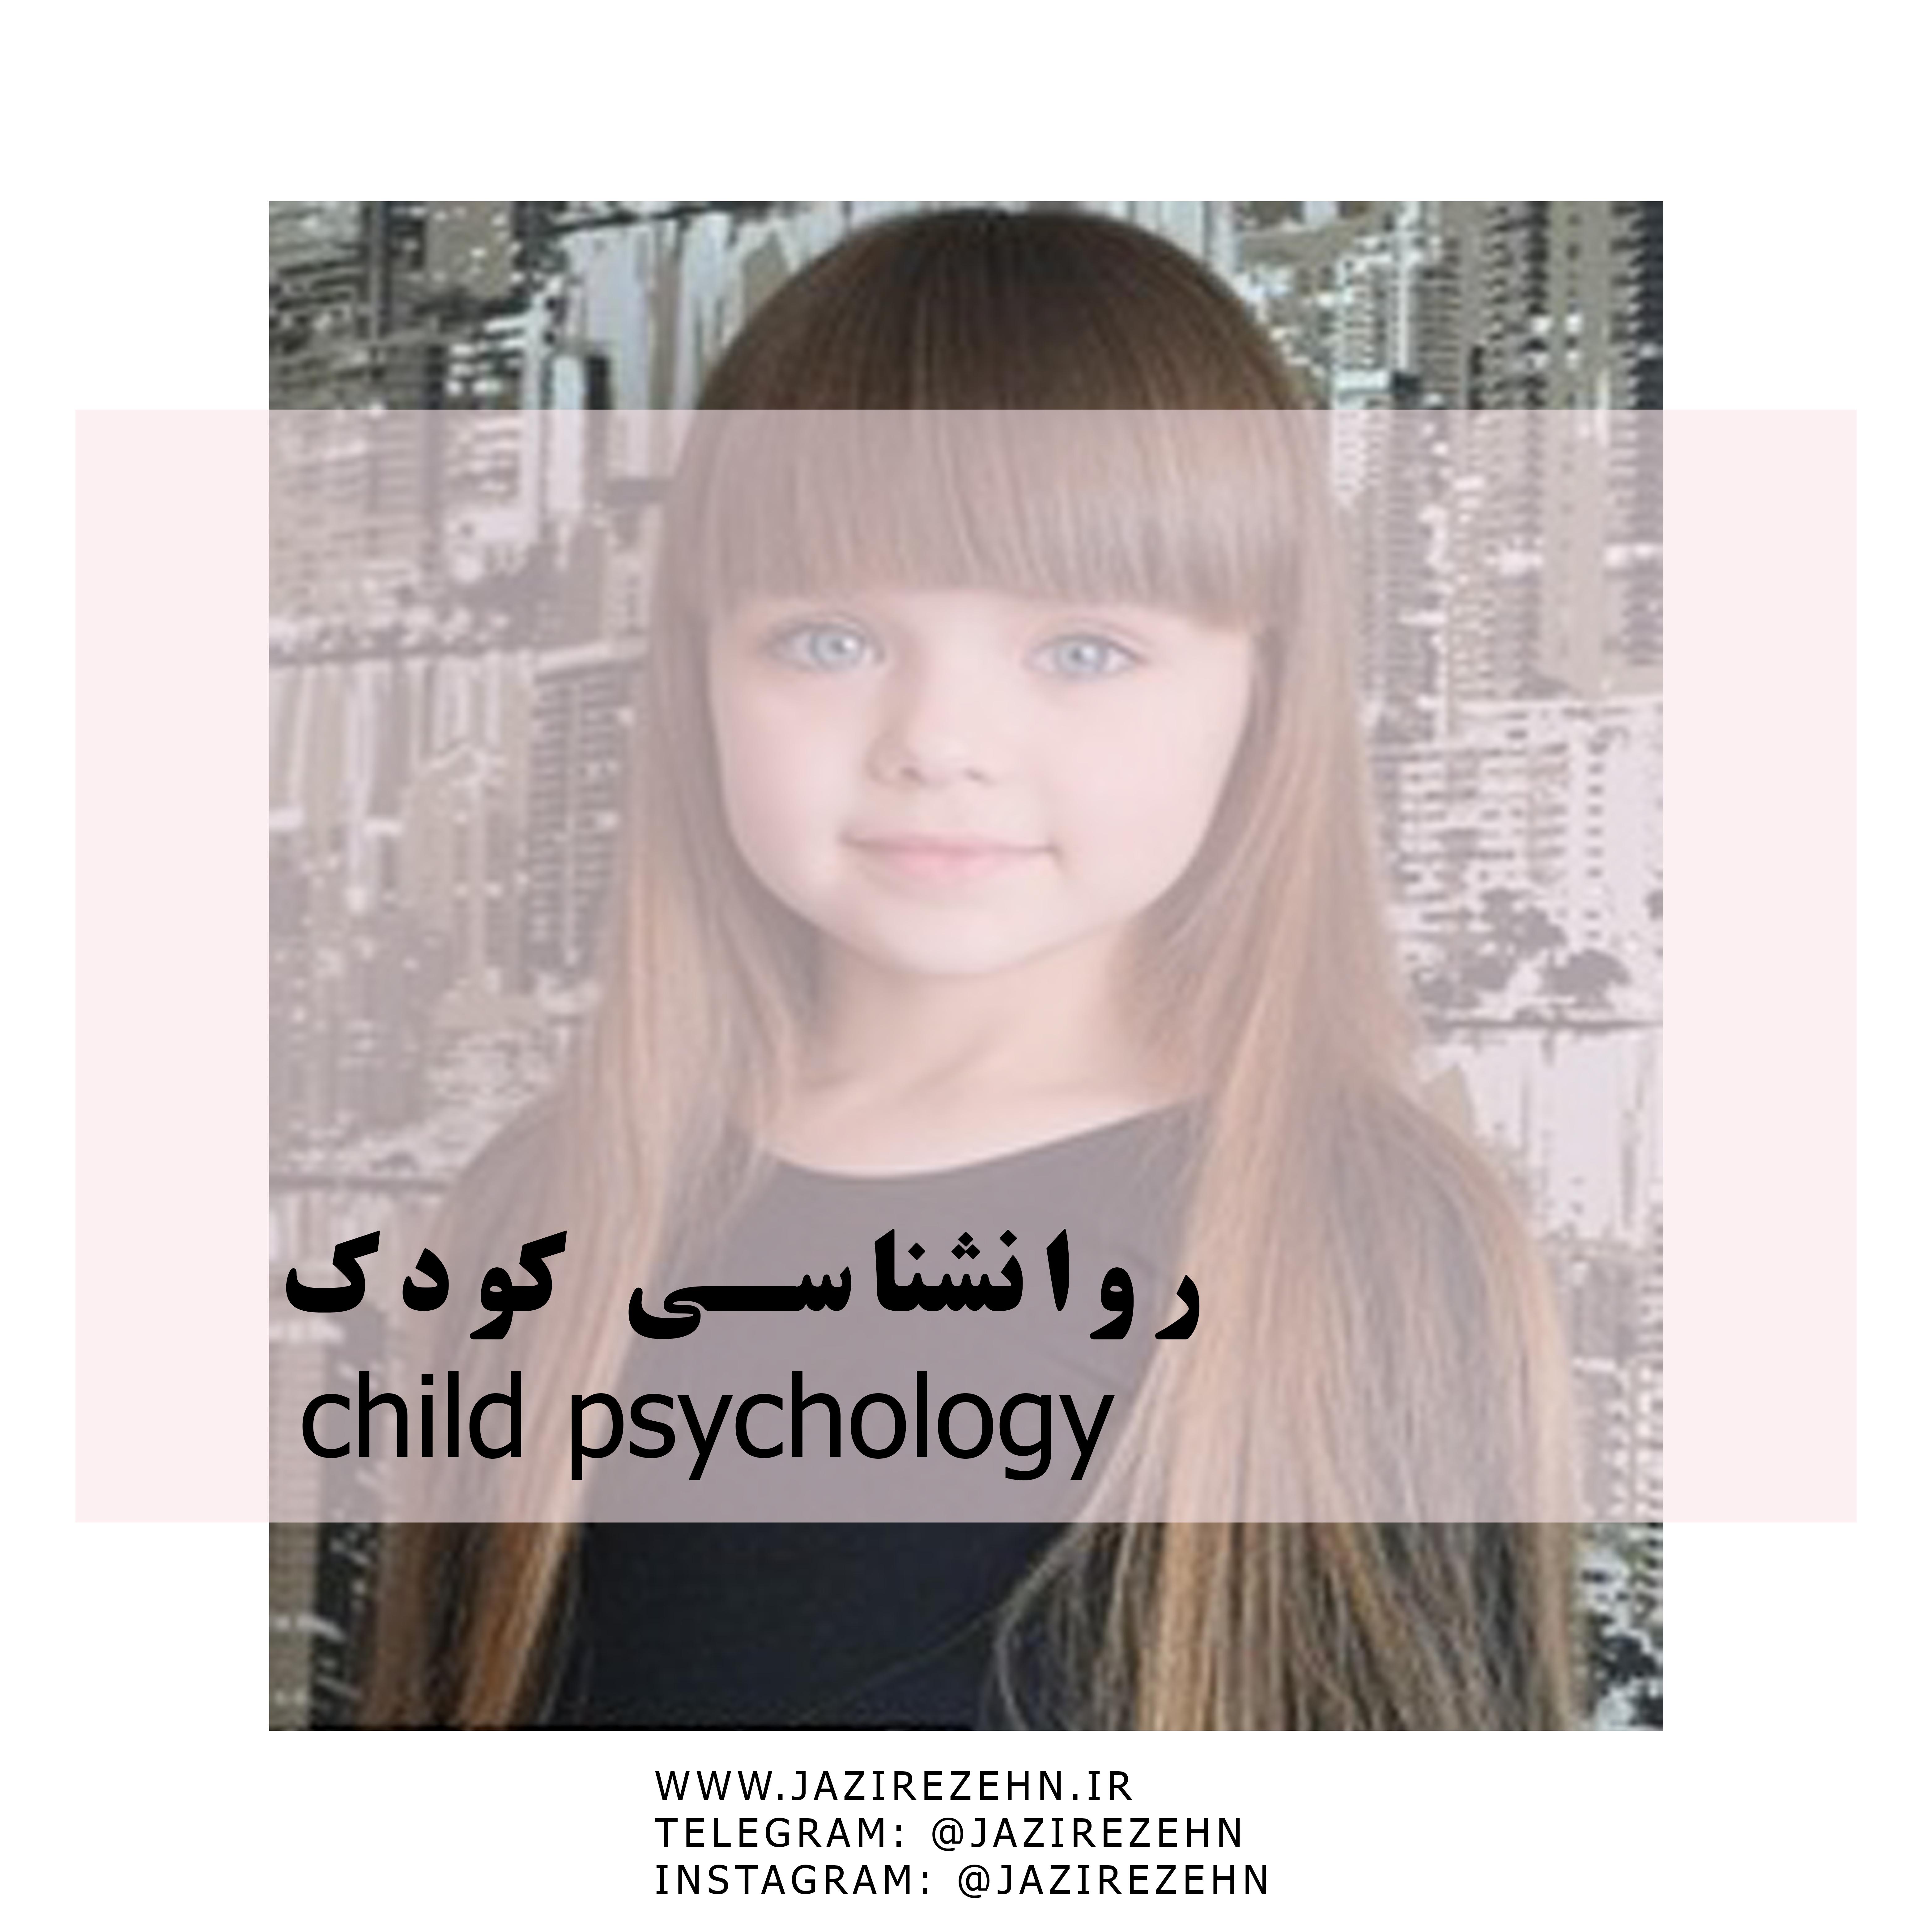 کودکم را چگونه تربیت کنم؟| تربیت کودک برابر با تنبیه نیست| آموزش و نکات تربیت فرزند چیست؟| روانشناسی تربیت و روانشناسی کودک چیست؟| مائده امین